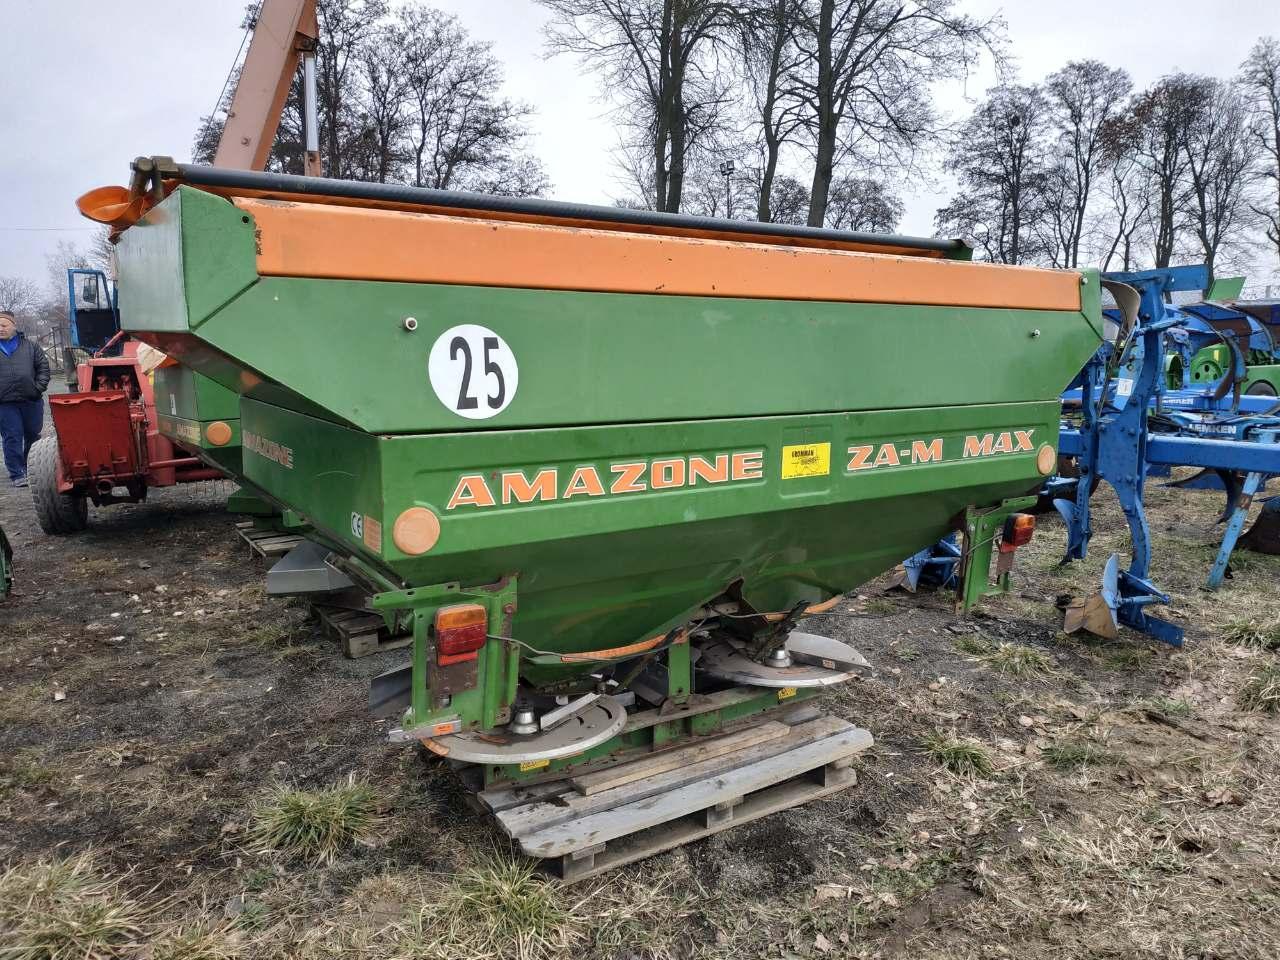 Розкидач-Розбрасыватель миндобрив AMAZONE ZA-M-MAX 1000-3000 кг